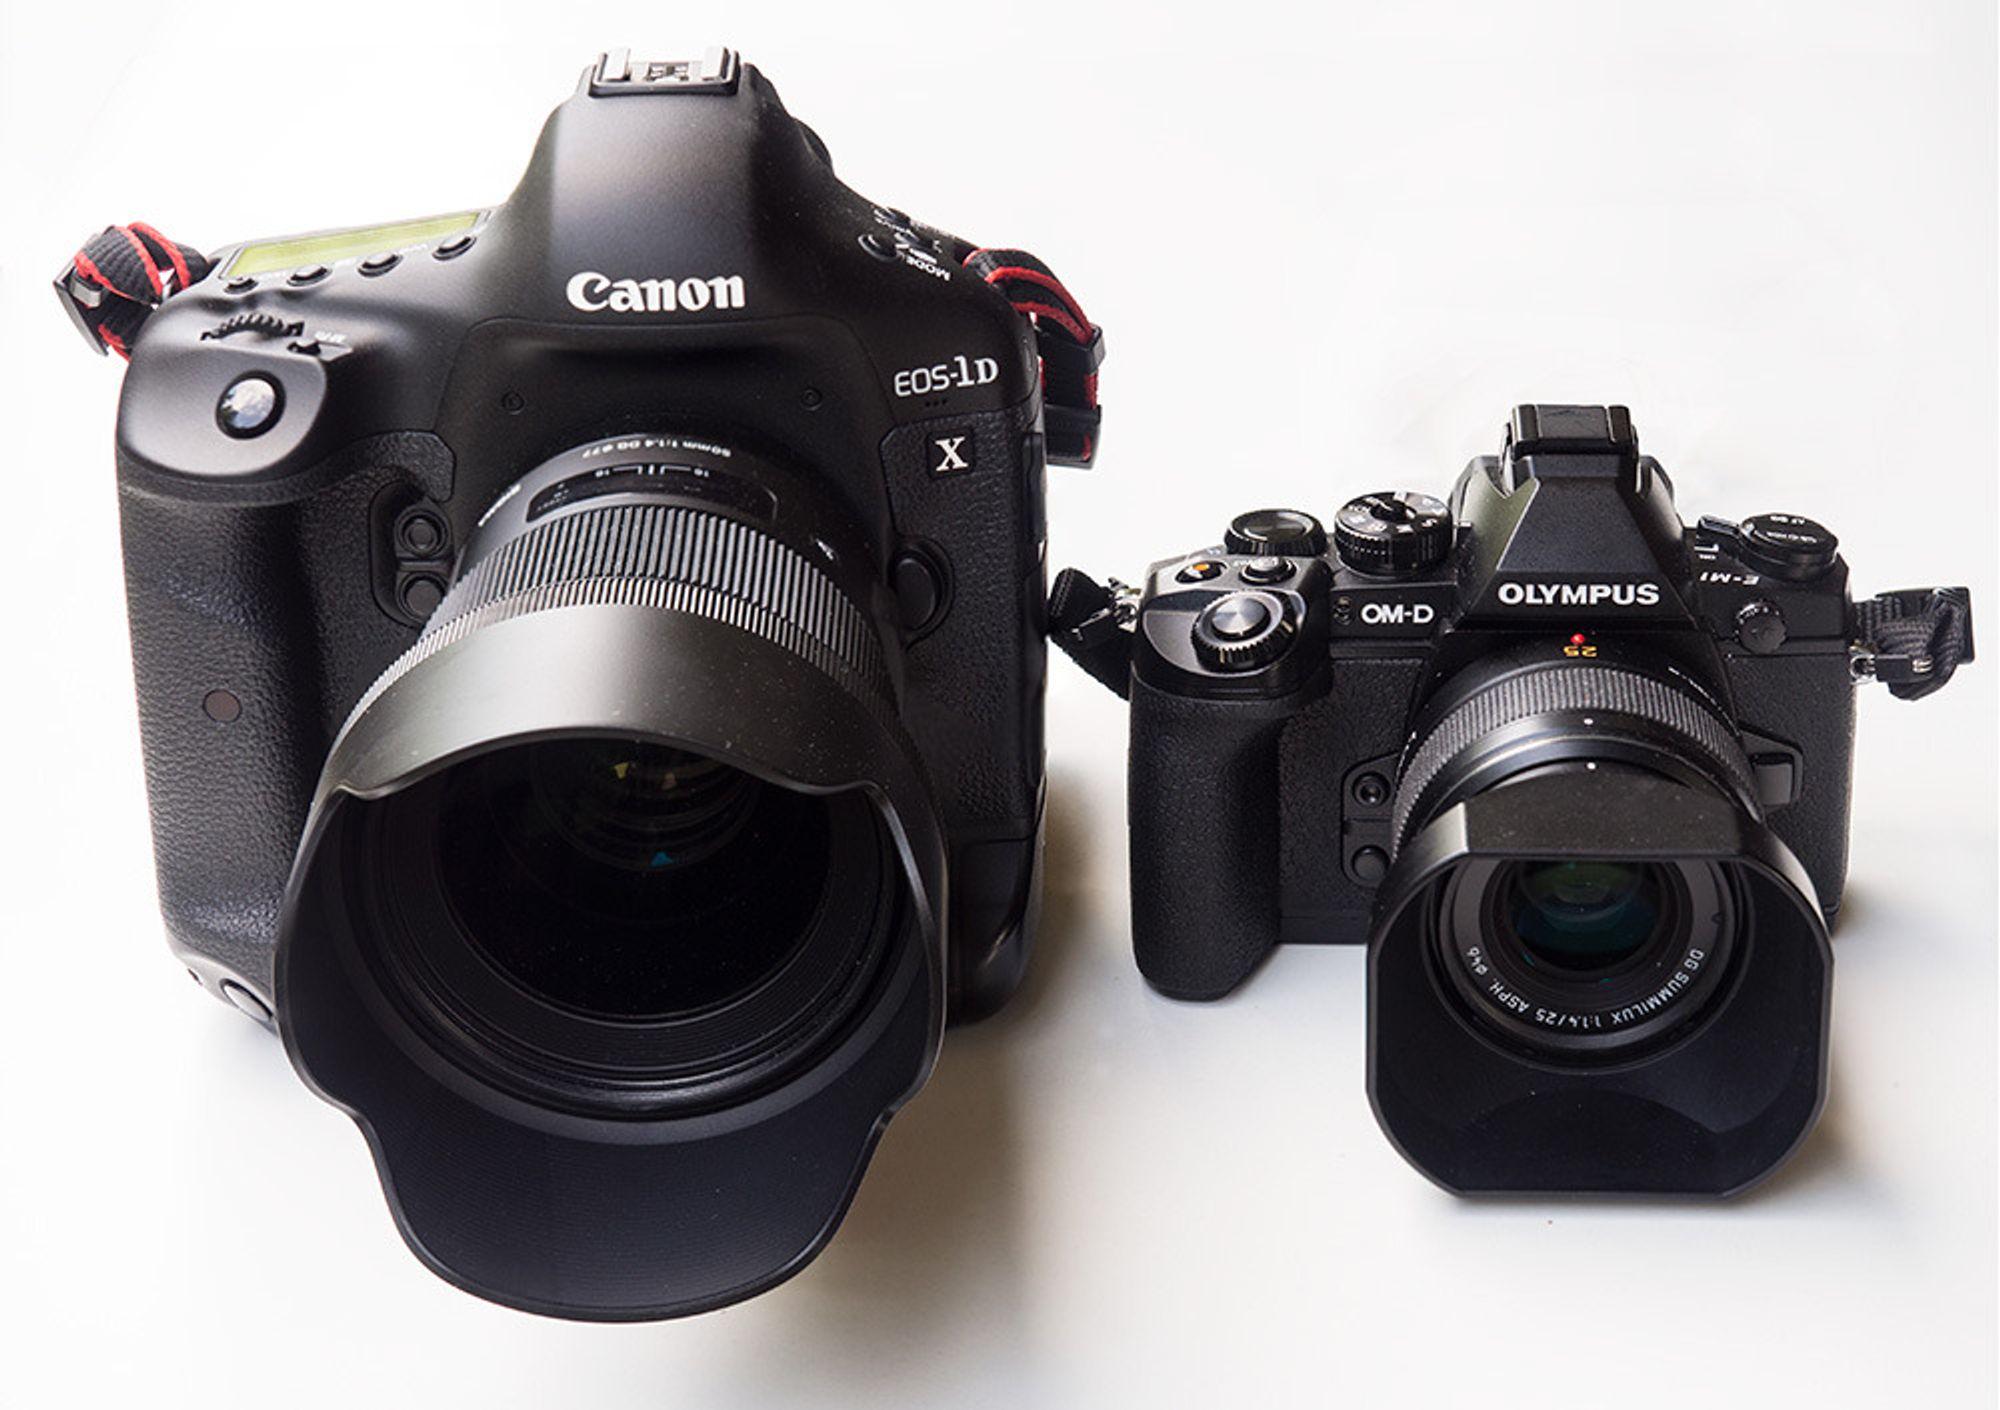 Sigma 50mm Art F1.4 DG HSM på Canon 1D X og Panasonic 25mm F1.4 på Olympus E-M1